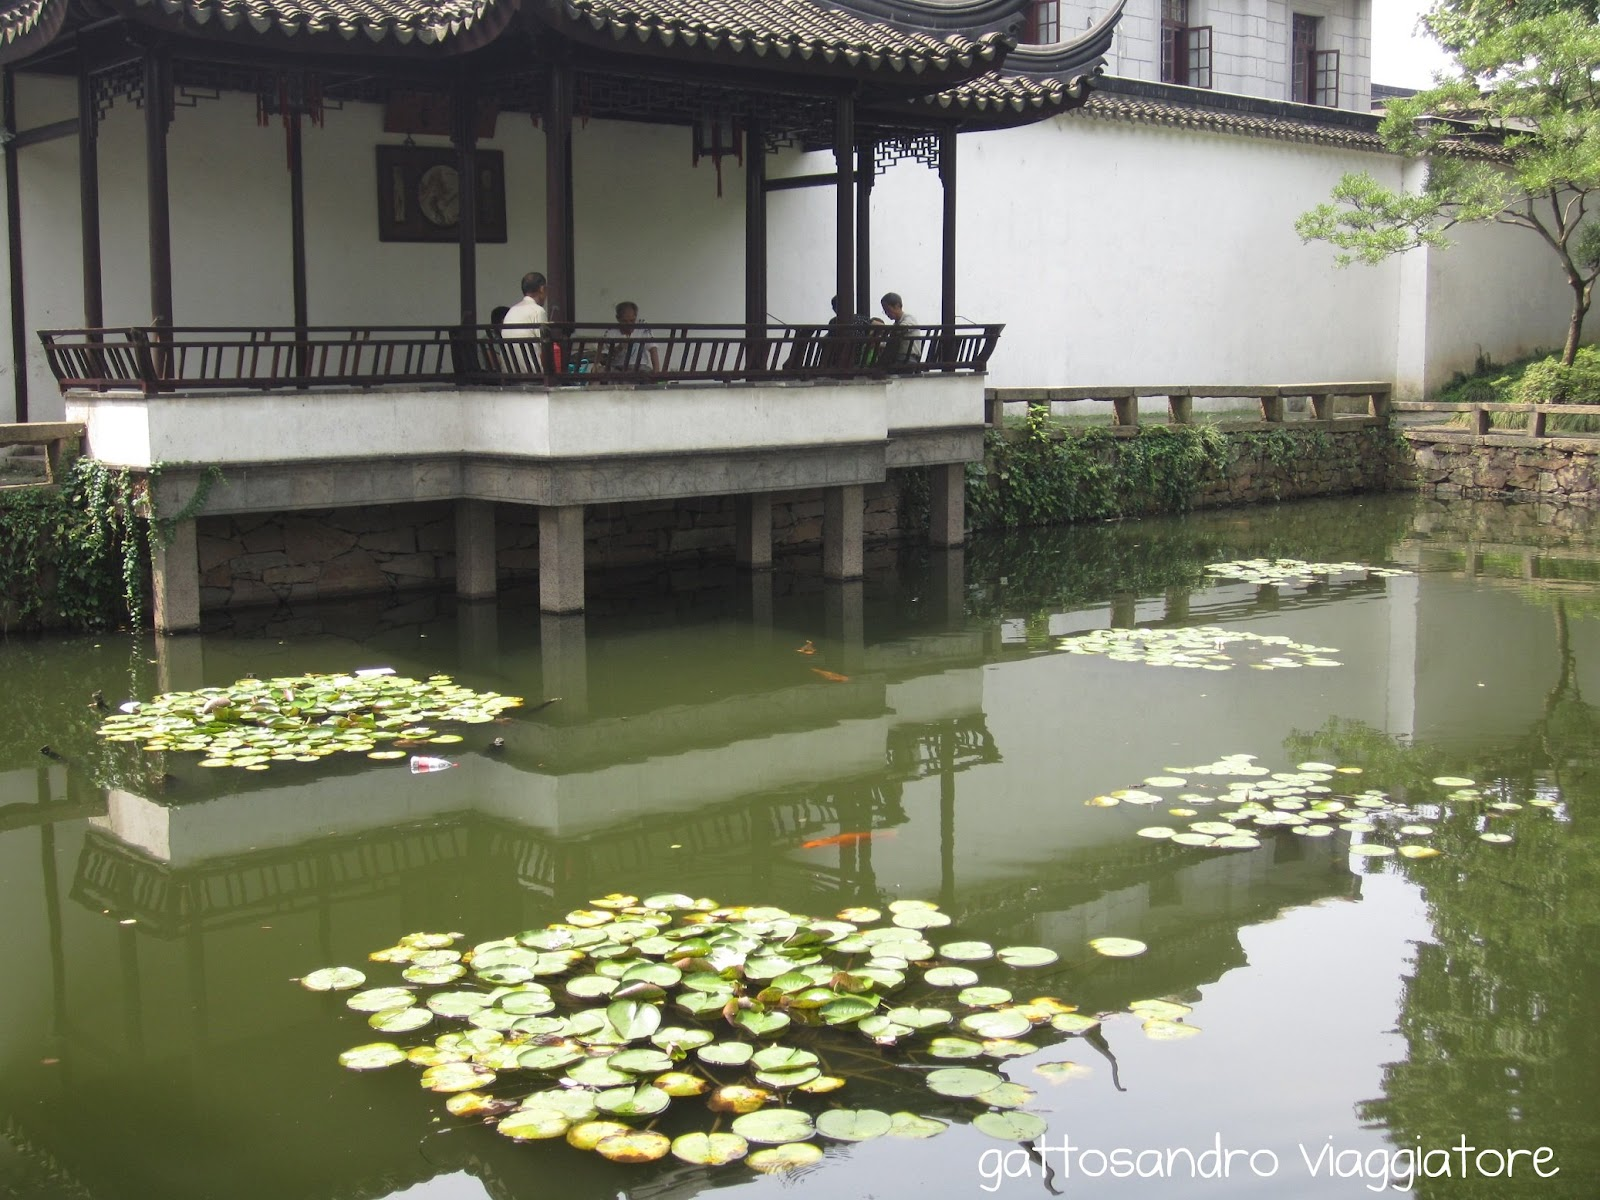 Gattosandro viaggiatore travel blog i giardini di suzhou - Giardini particolari ...